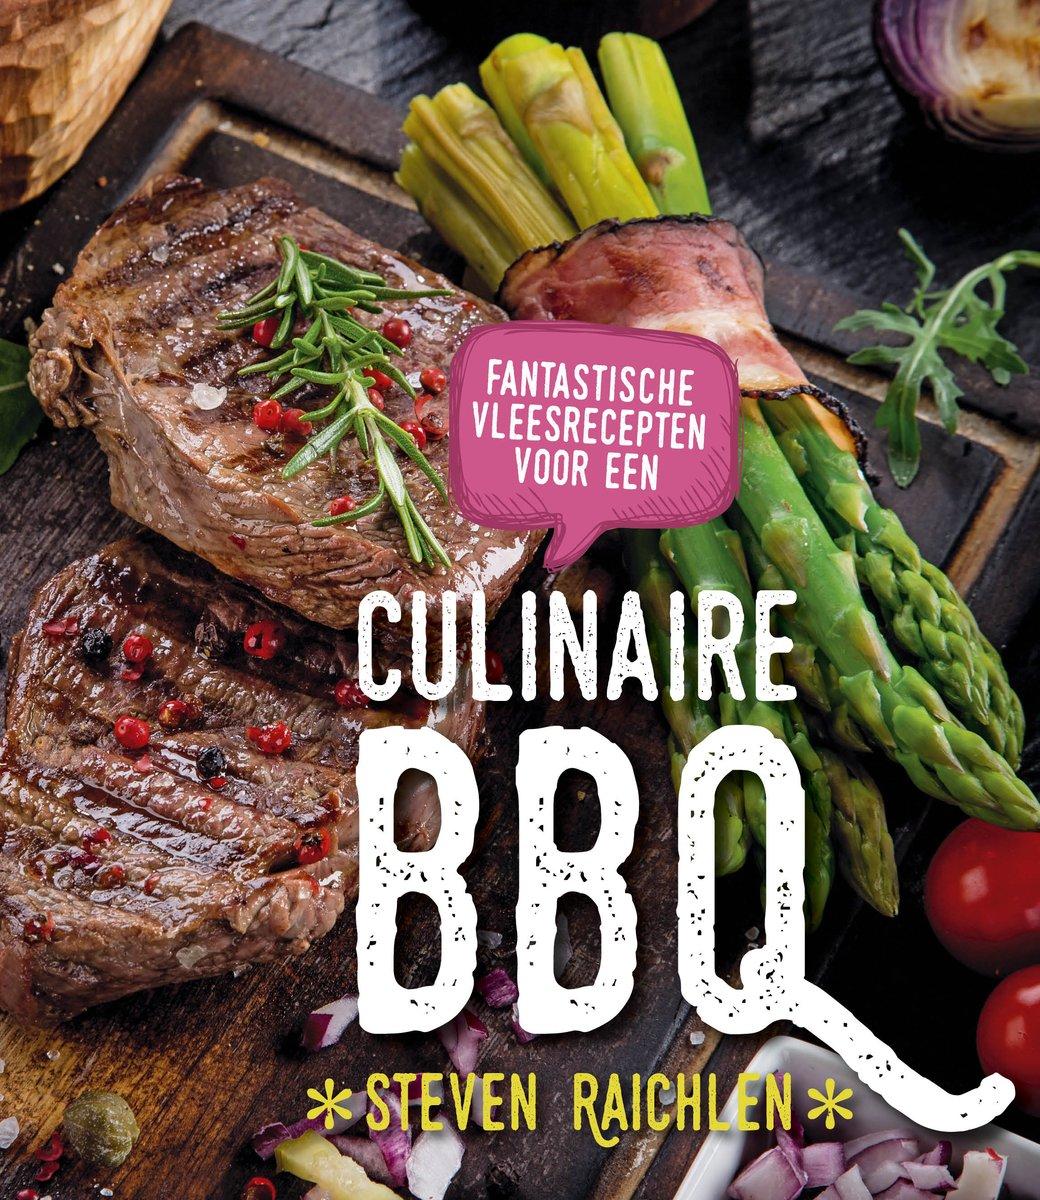 Fantastische vleesrecepten voor een culinaire BBQ – Steven Raichlen